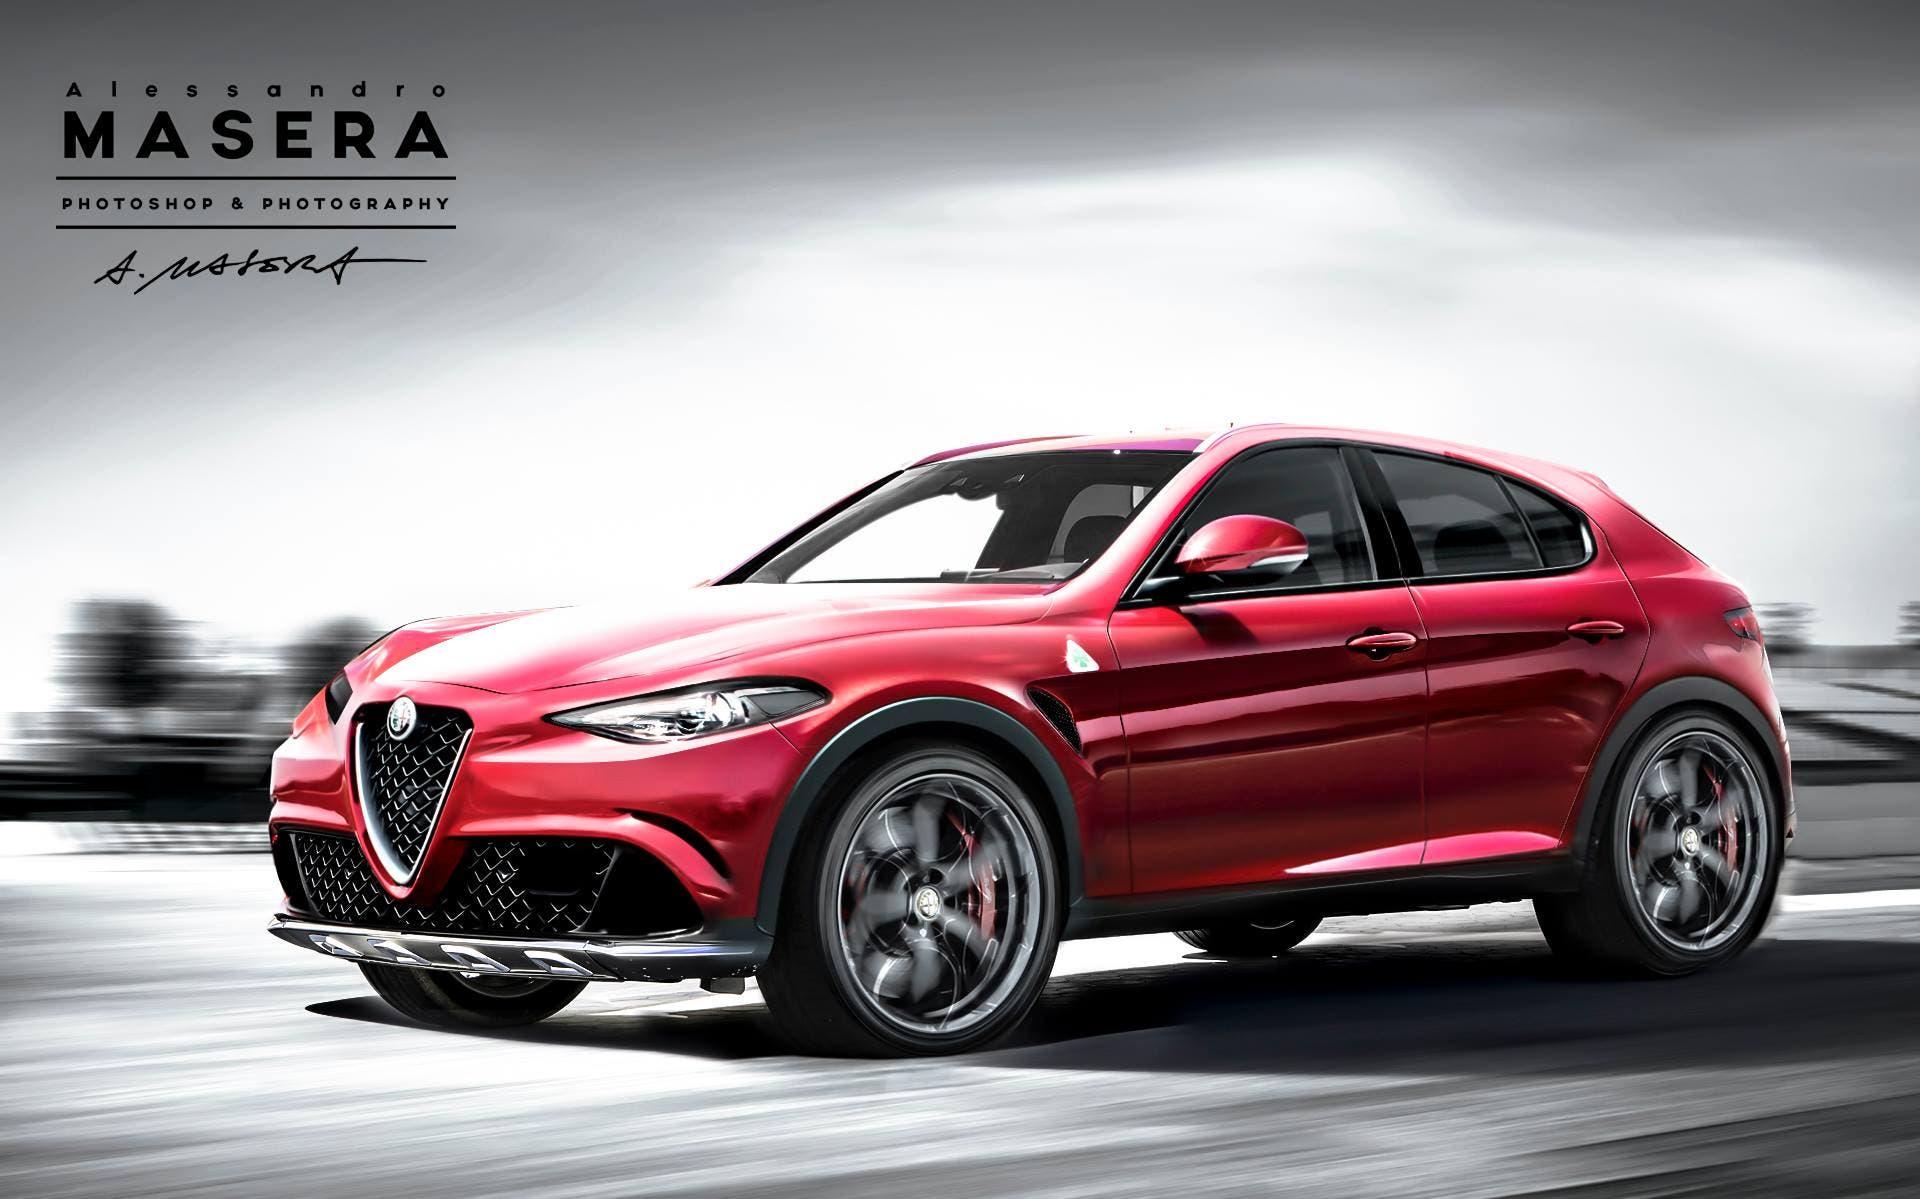 Alfa Romeo SUV e Maserati Alfieri rinviate al 2017, la nuova Giulietta arriva nel 2016?